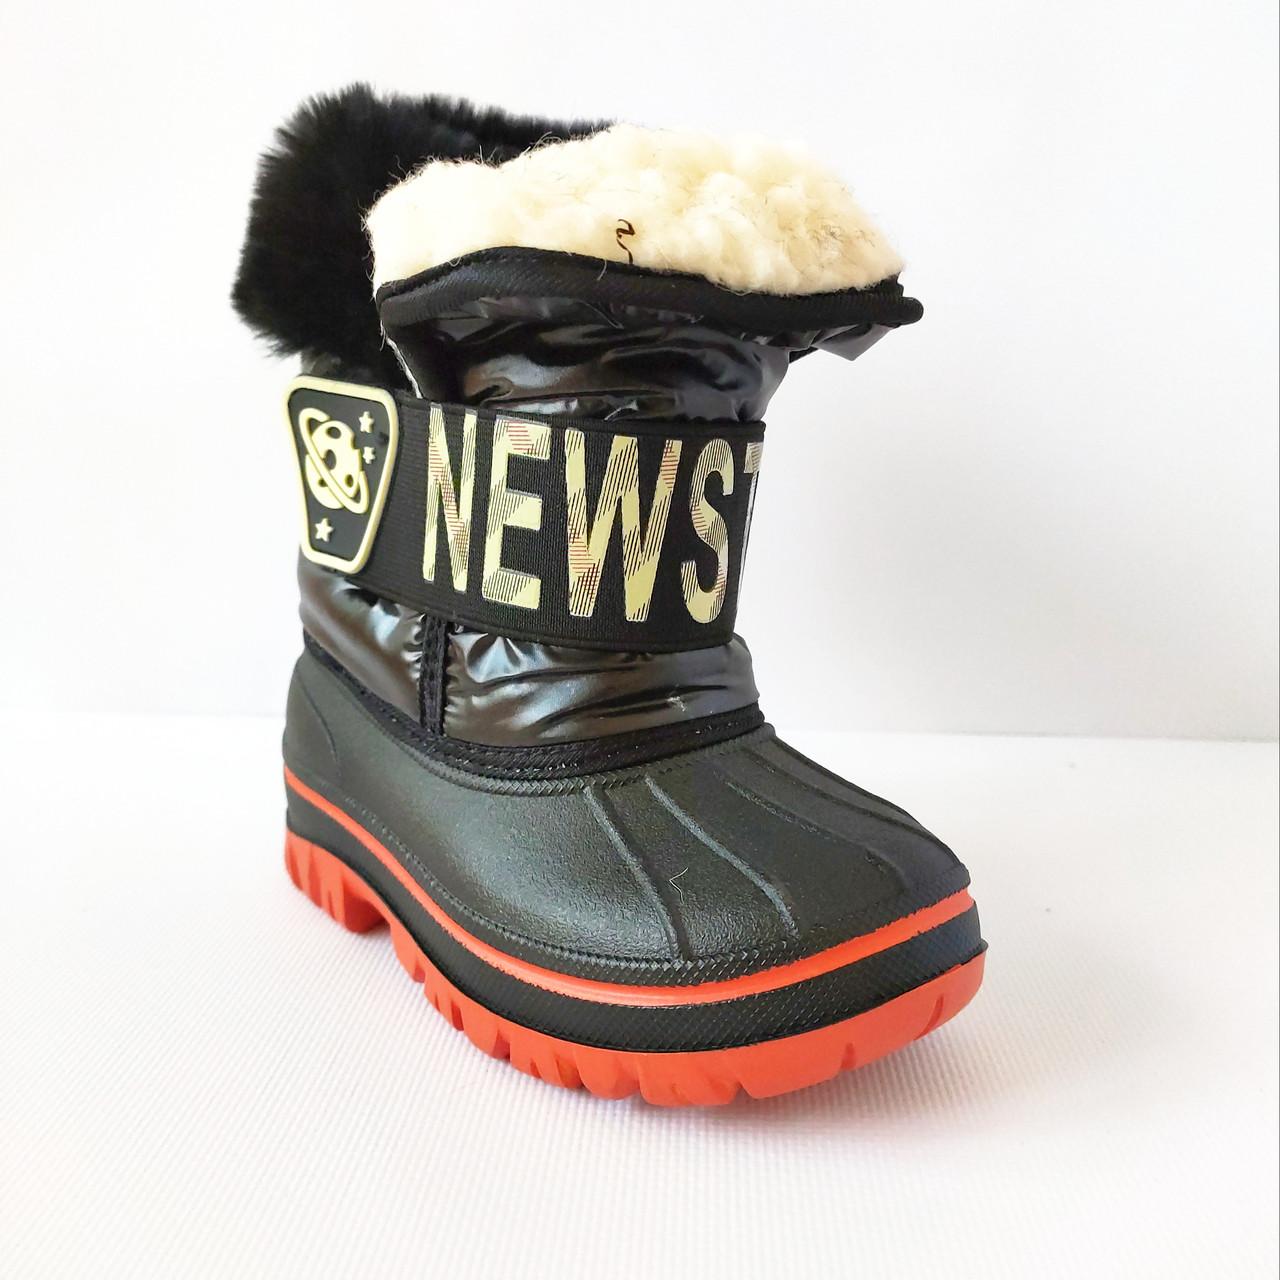 Непромокаемые ботинки -  сноубутсы зимние, р. 28, 29, 30, 31, 32 ТМ Канарейка. Теплые на меху